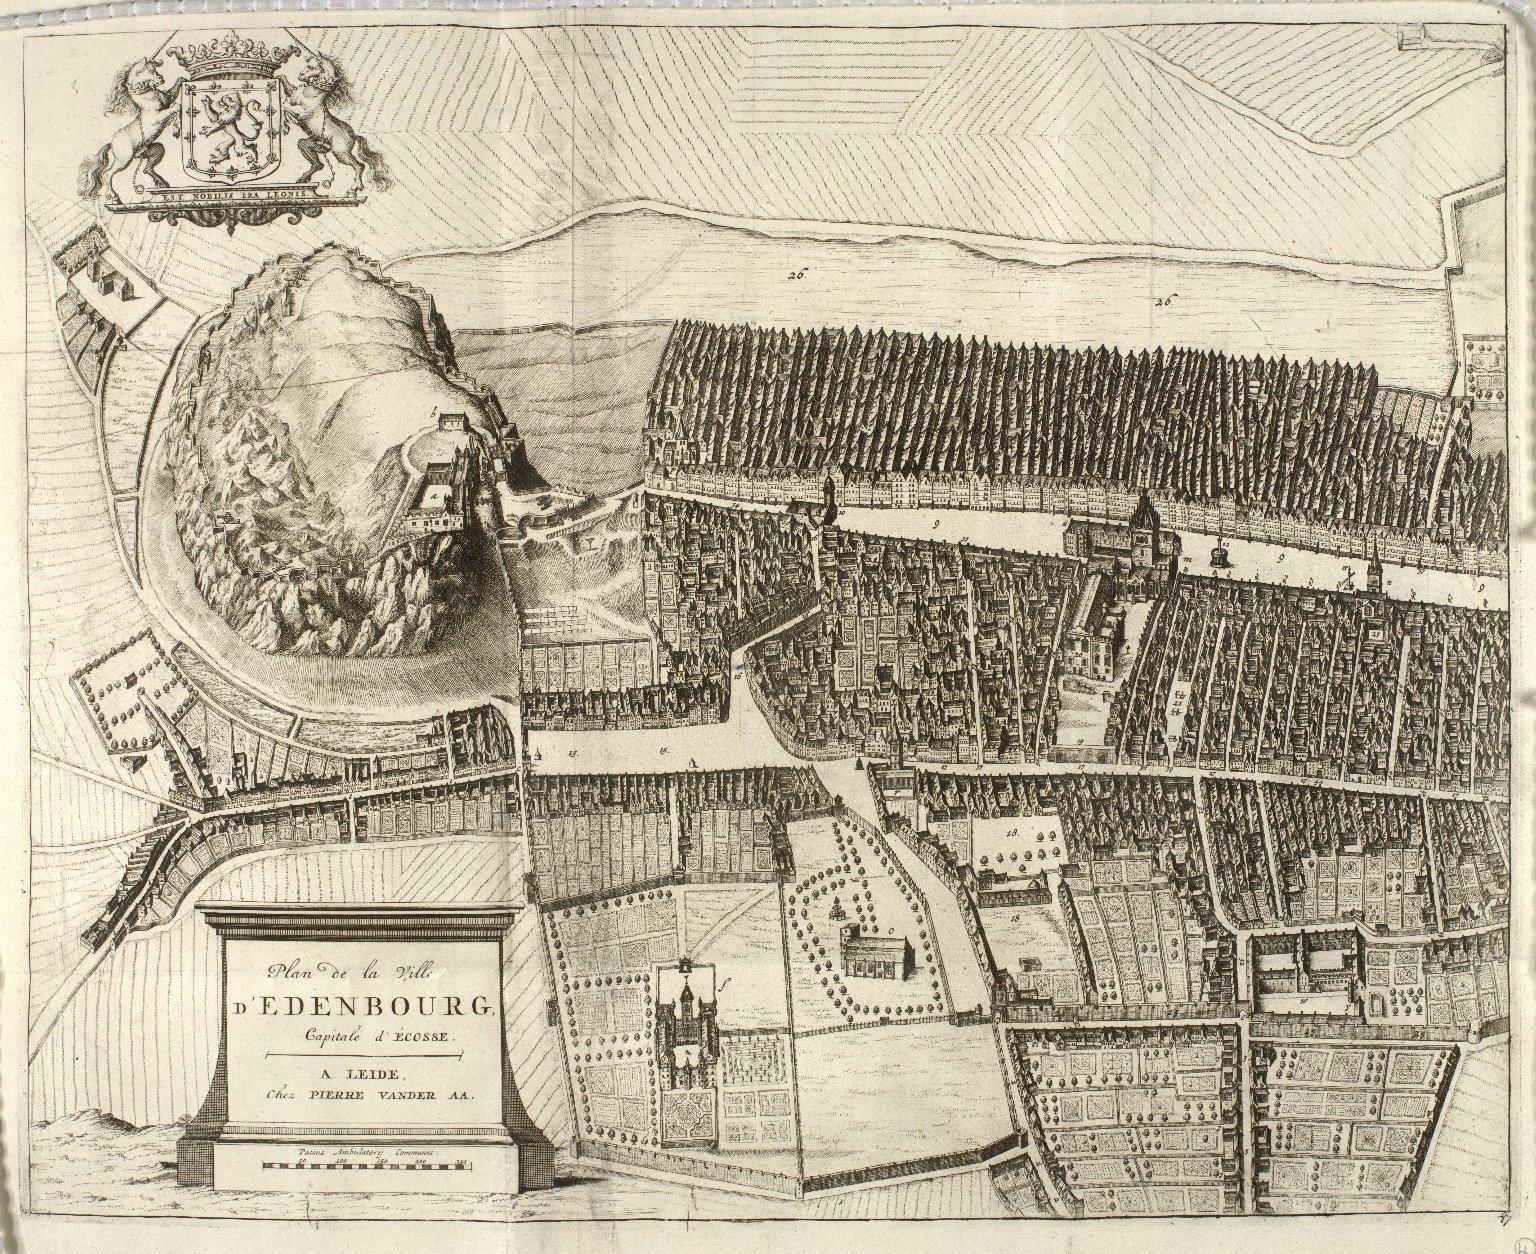 Plan de la ville d'Edinbourg, capitale d'Ecosse. [1 of 2]